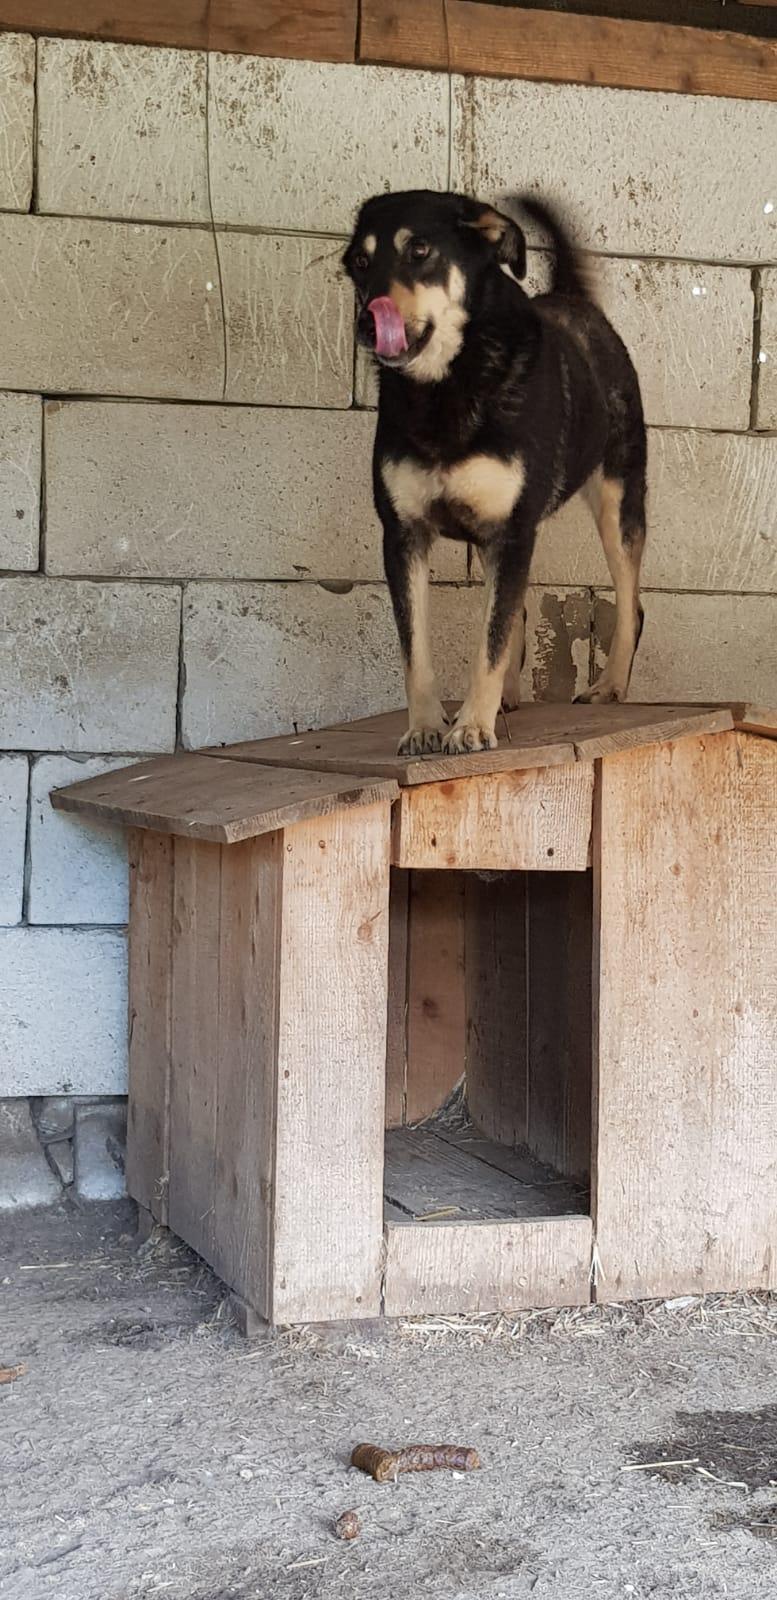 SOUKI, Femelle type berger, née en 2014 - Noire et crème- marrainée par Myri_Bonnie -R-SC-SOS- Souki_13